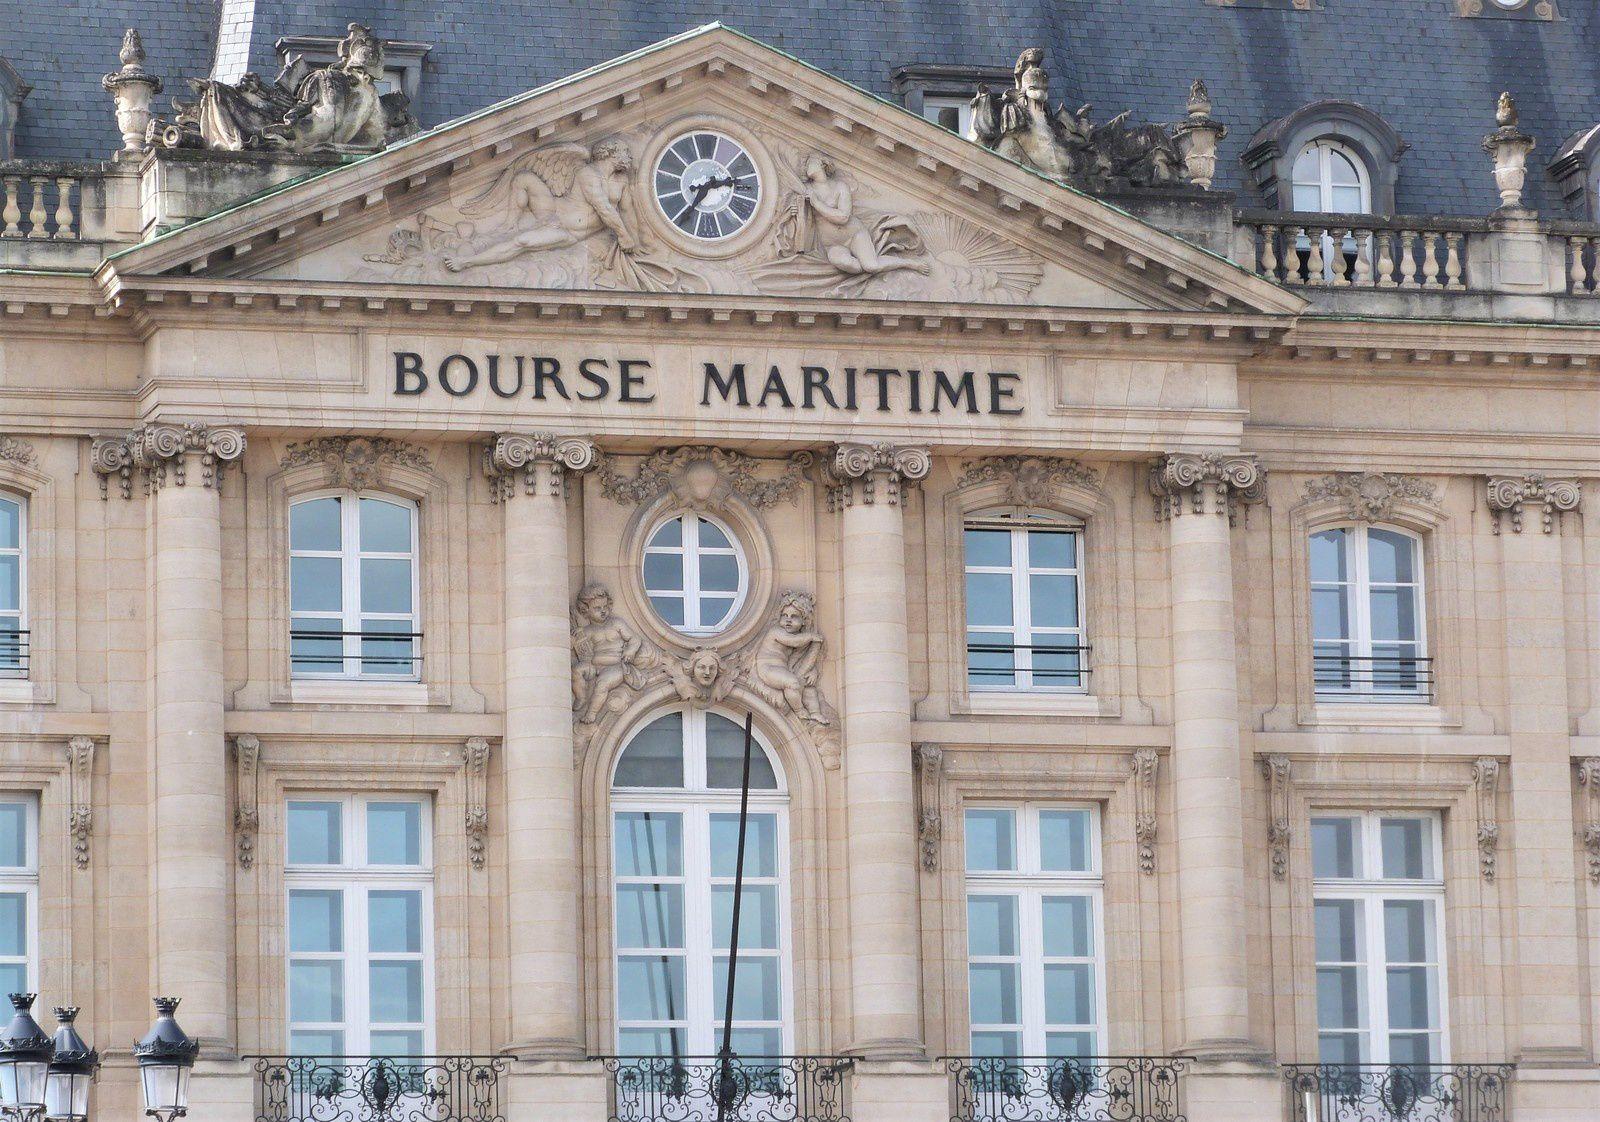 Bourse maritime - Bordeaux